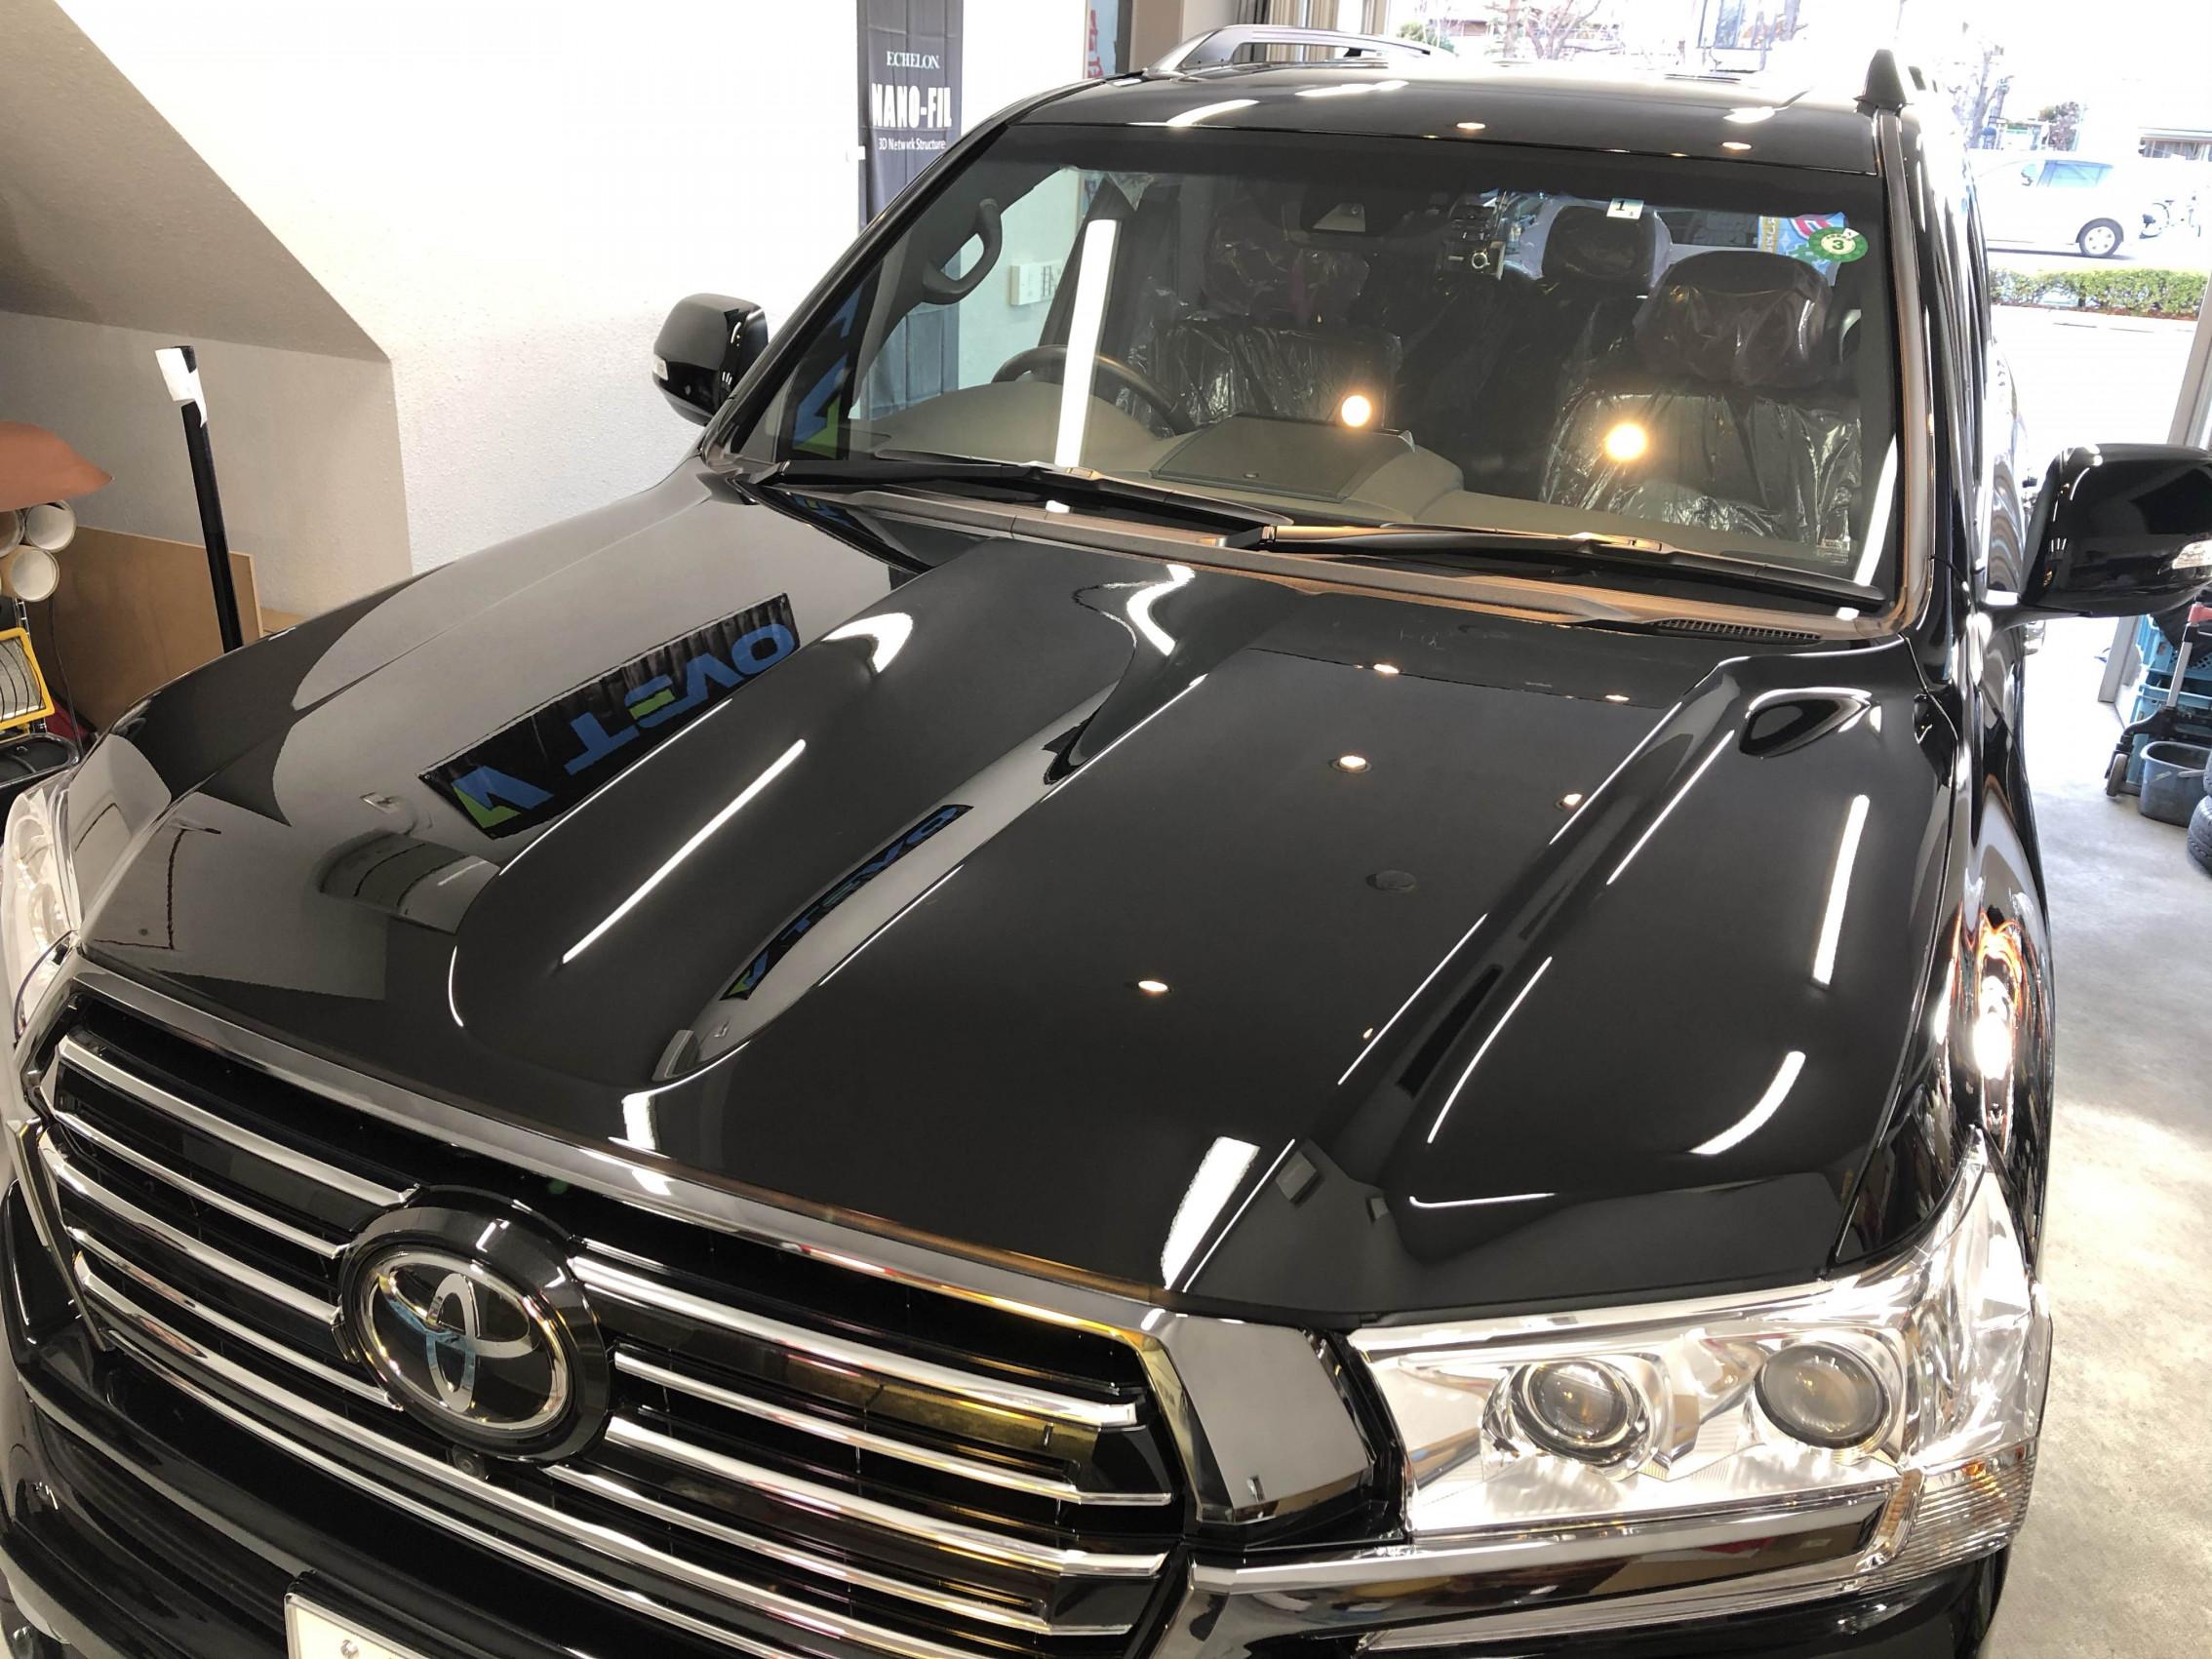 ランドクルーザーTEVO S60+S36